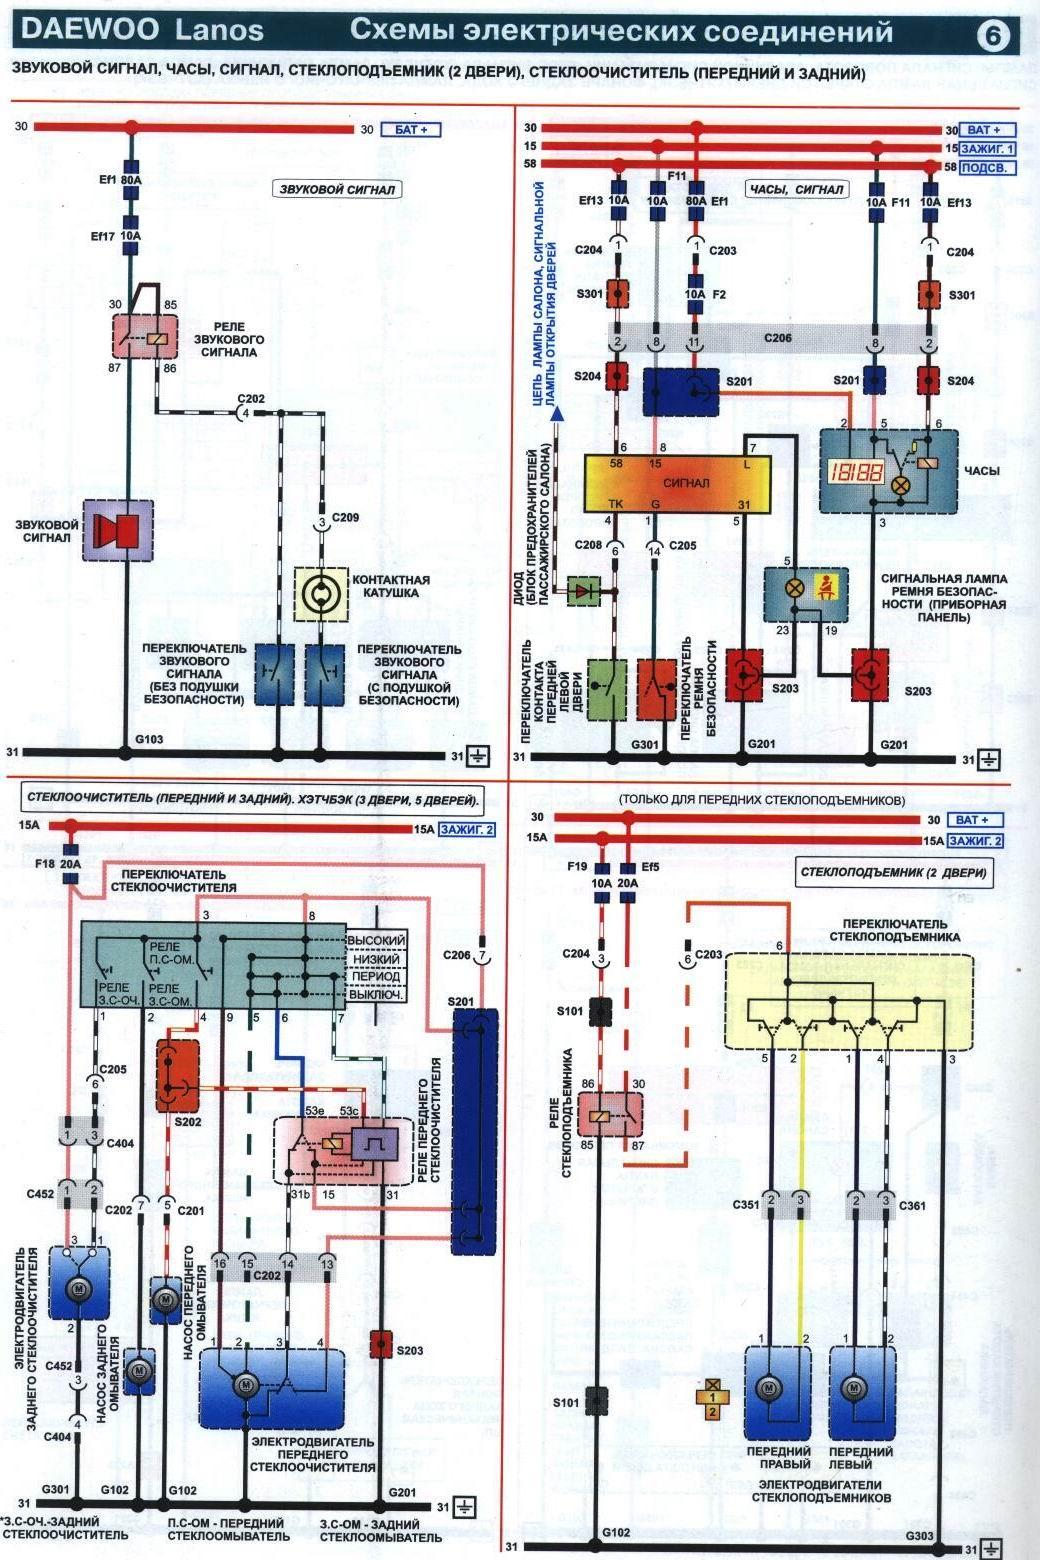 Электрические схемы автомобиля дэу ланос.